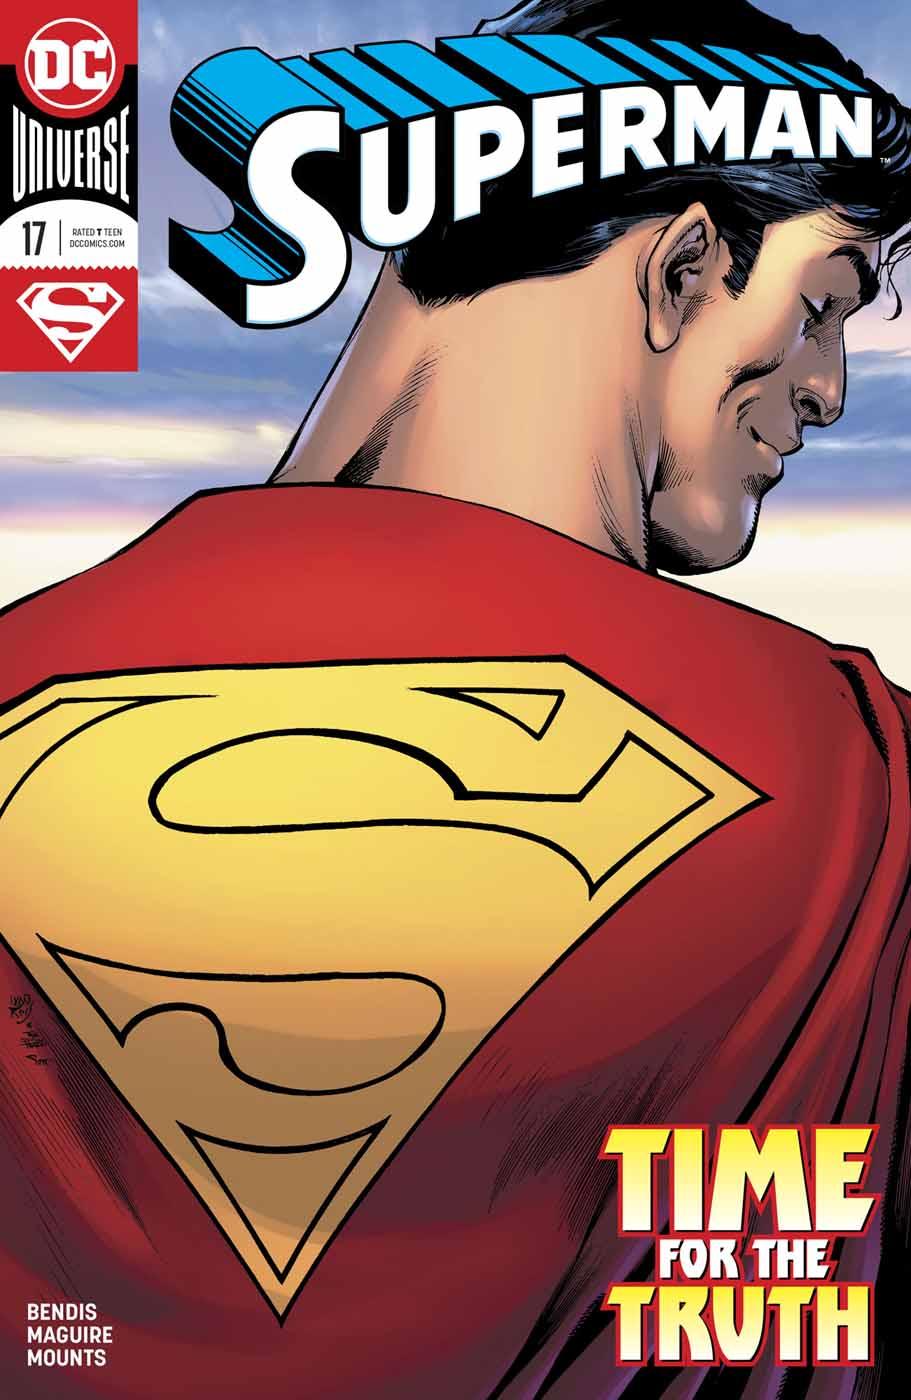 1 - Les comics que vous lisez en ce moment - Page 2 C83652313d38ab78424c68be8e15127a2043a190